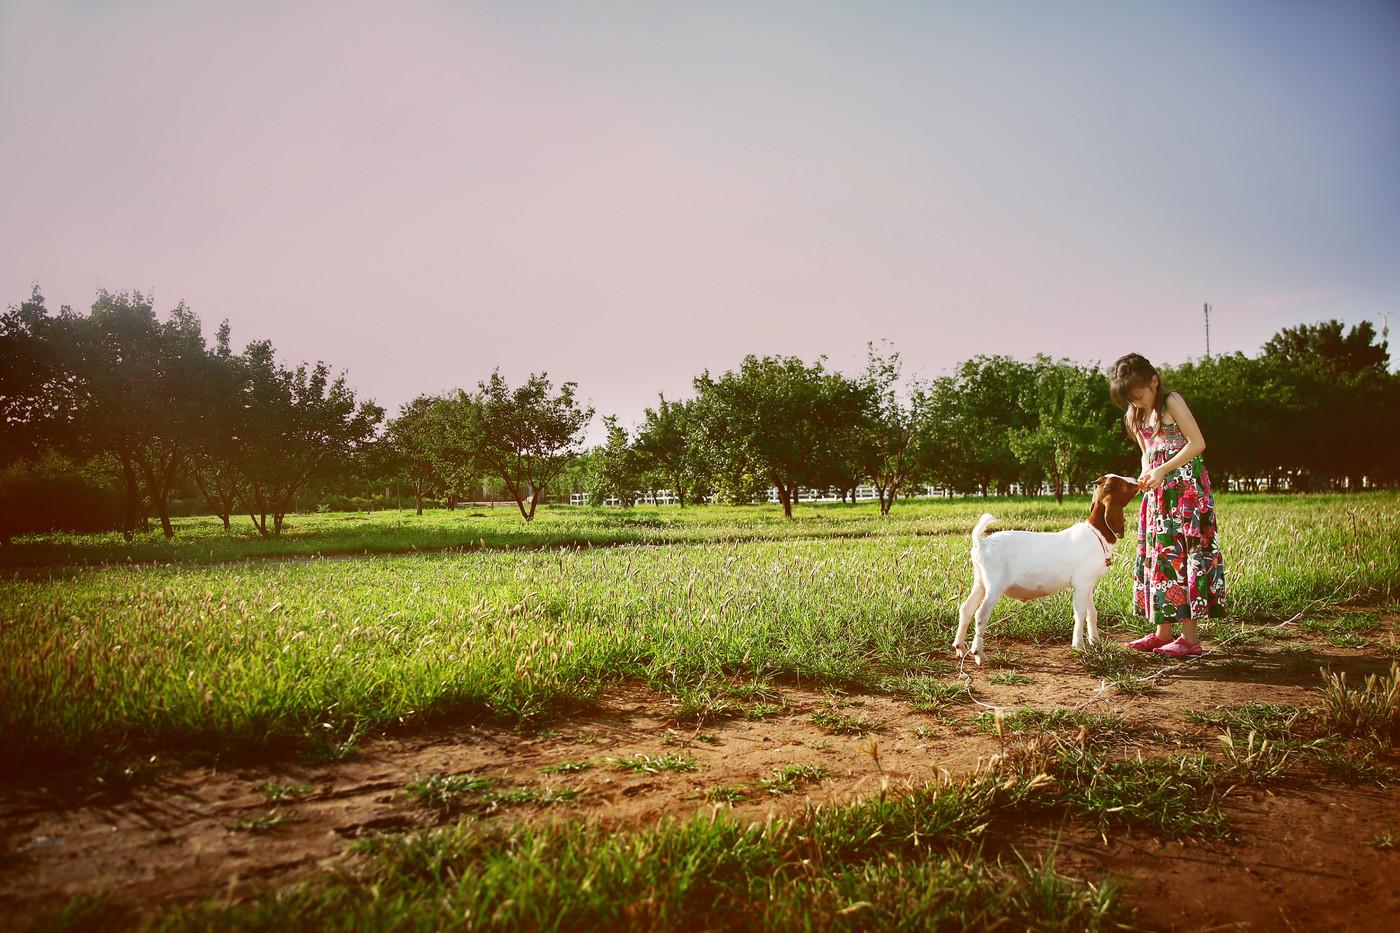 与马儿、羊儿共舞1